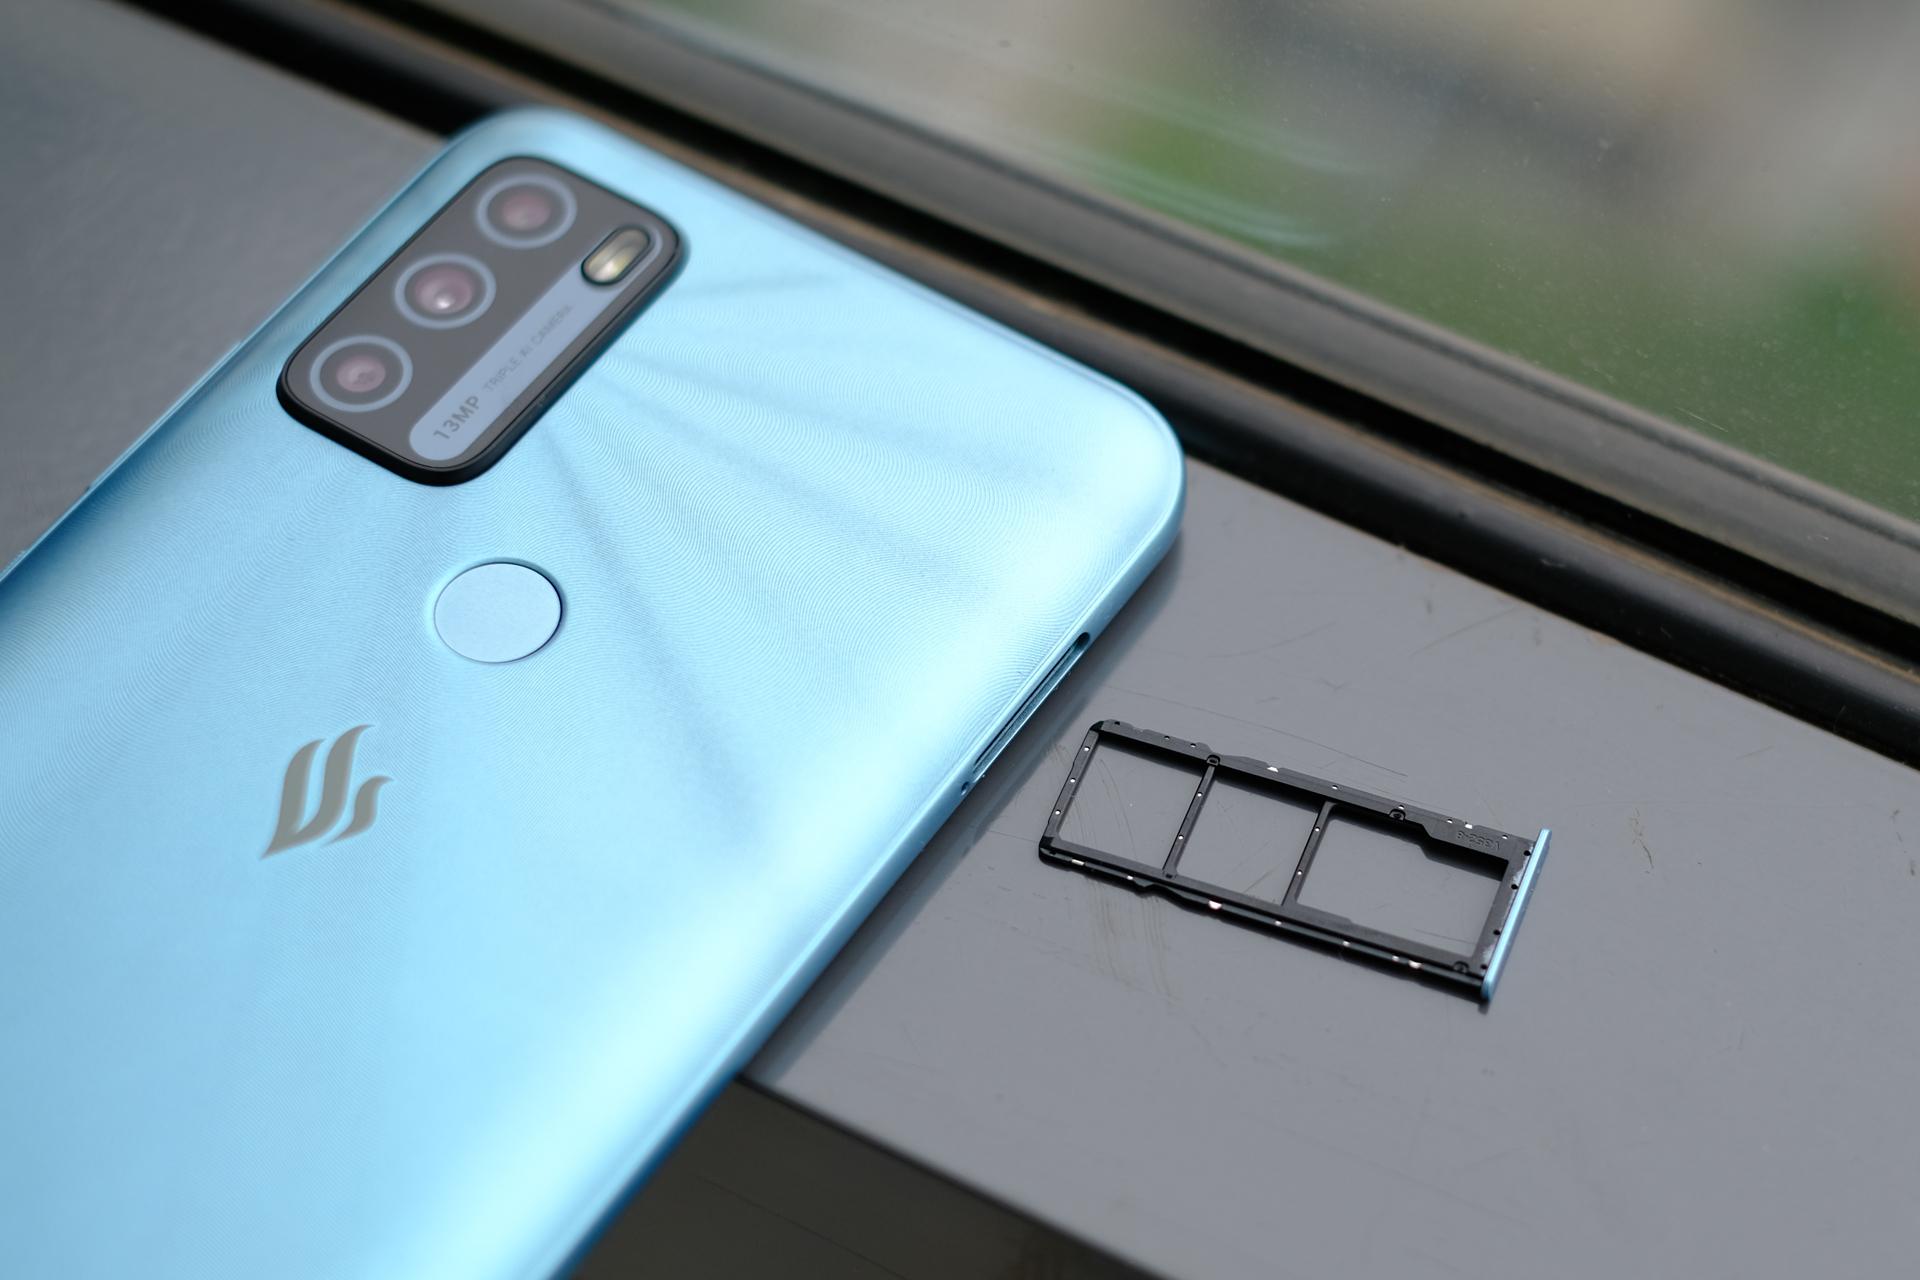 Star 5 - mẫu điện thoại cuối cùng của VinSmart, ra mắt tháng 3/2021. Ảnh: Tuấn Hưng